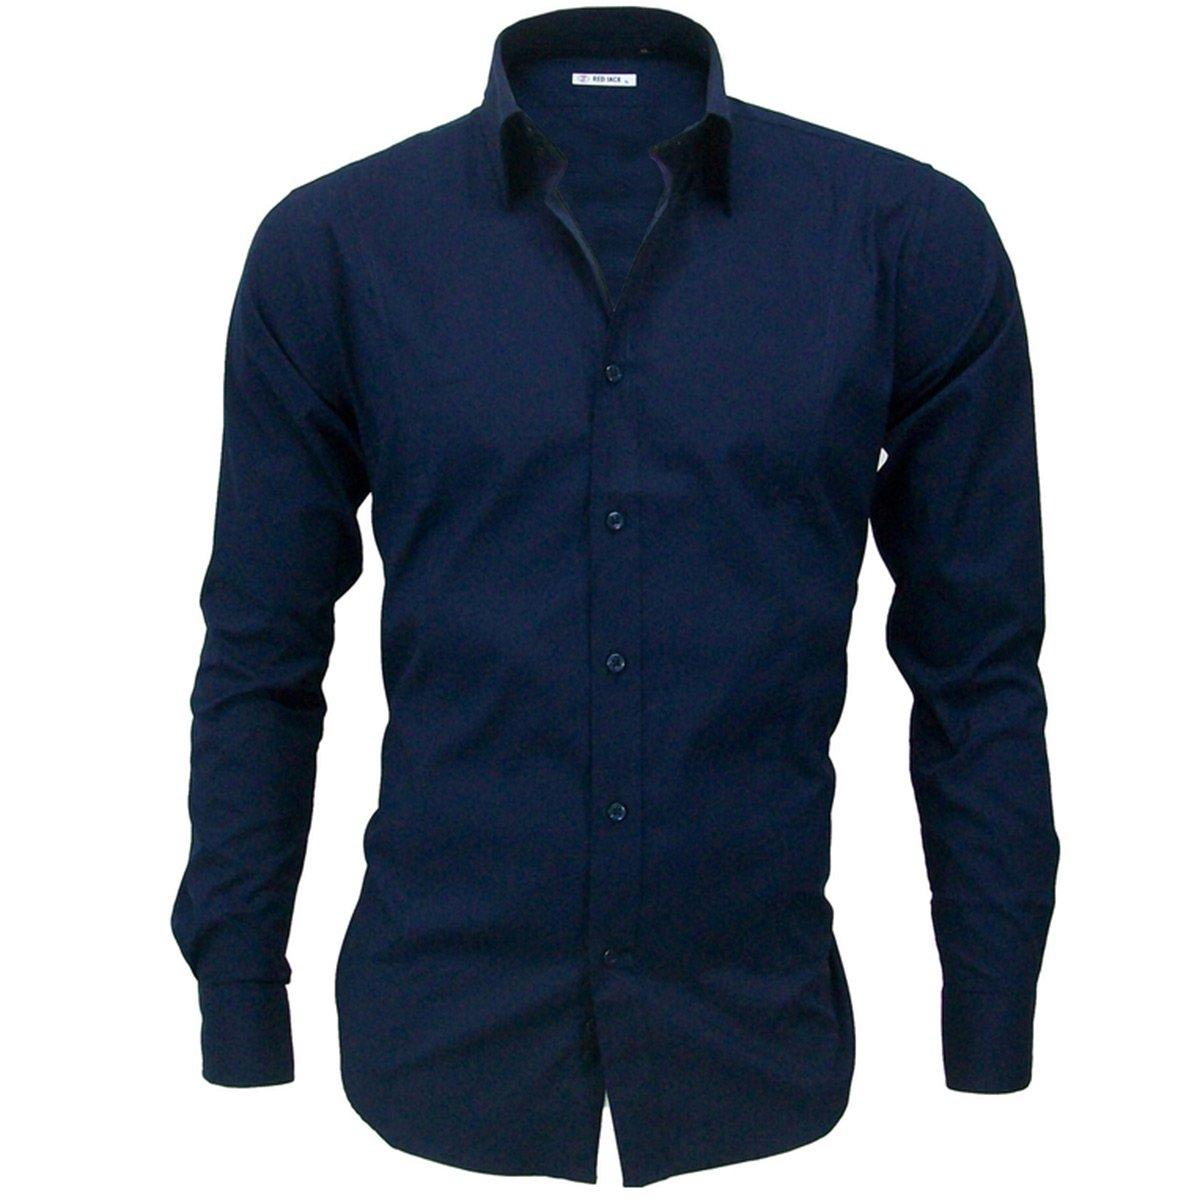 78eeaad3ee Giosal Camicia Uomo Casual Cotone Colletto Rigido Tinta Unita Slim:  Amazon.it: Abbigliamento